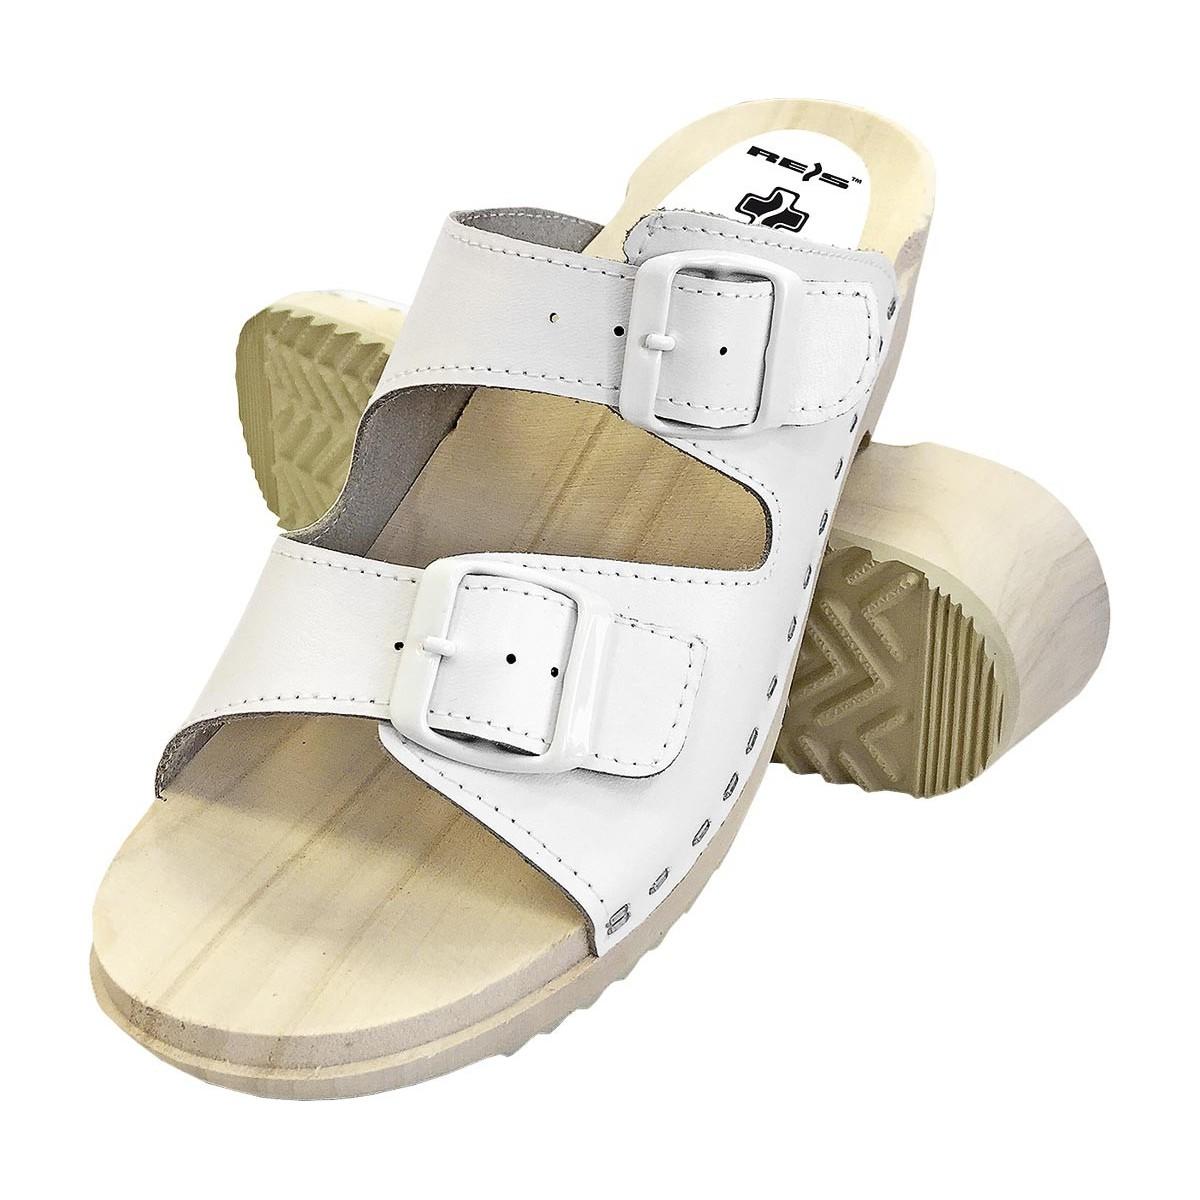 af580705a7ce6 Drewniaki sandały ortopedyczne BMRDRE2PAS białe r. 35 - 41